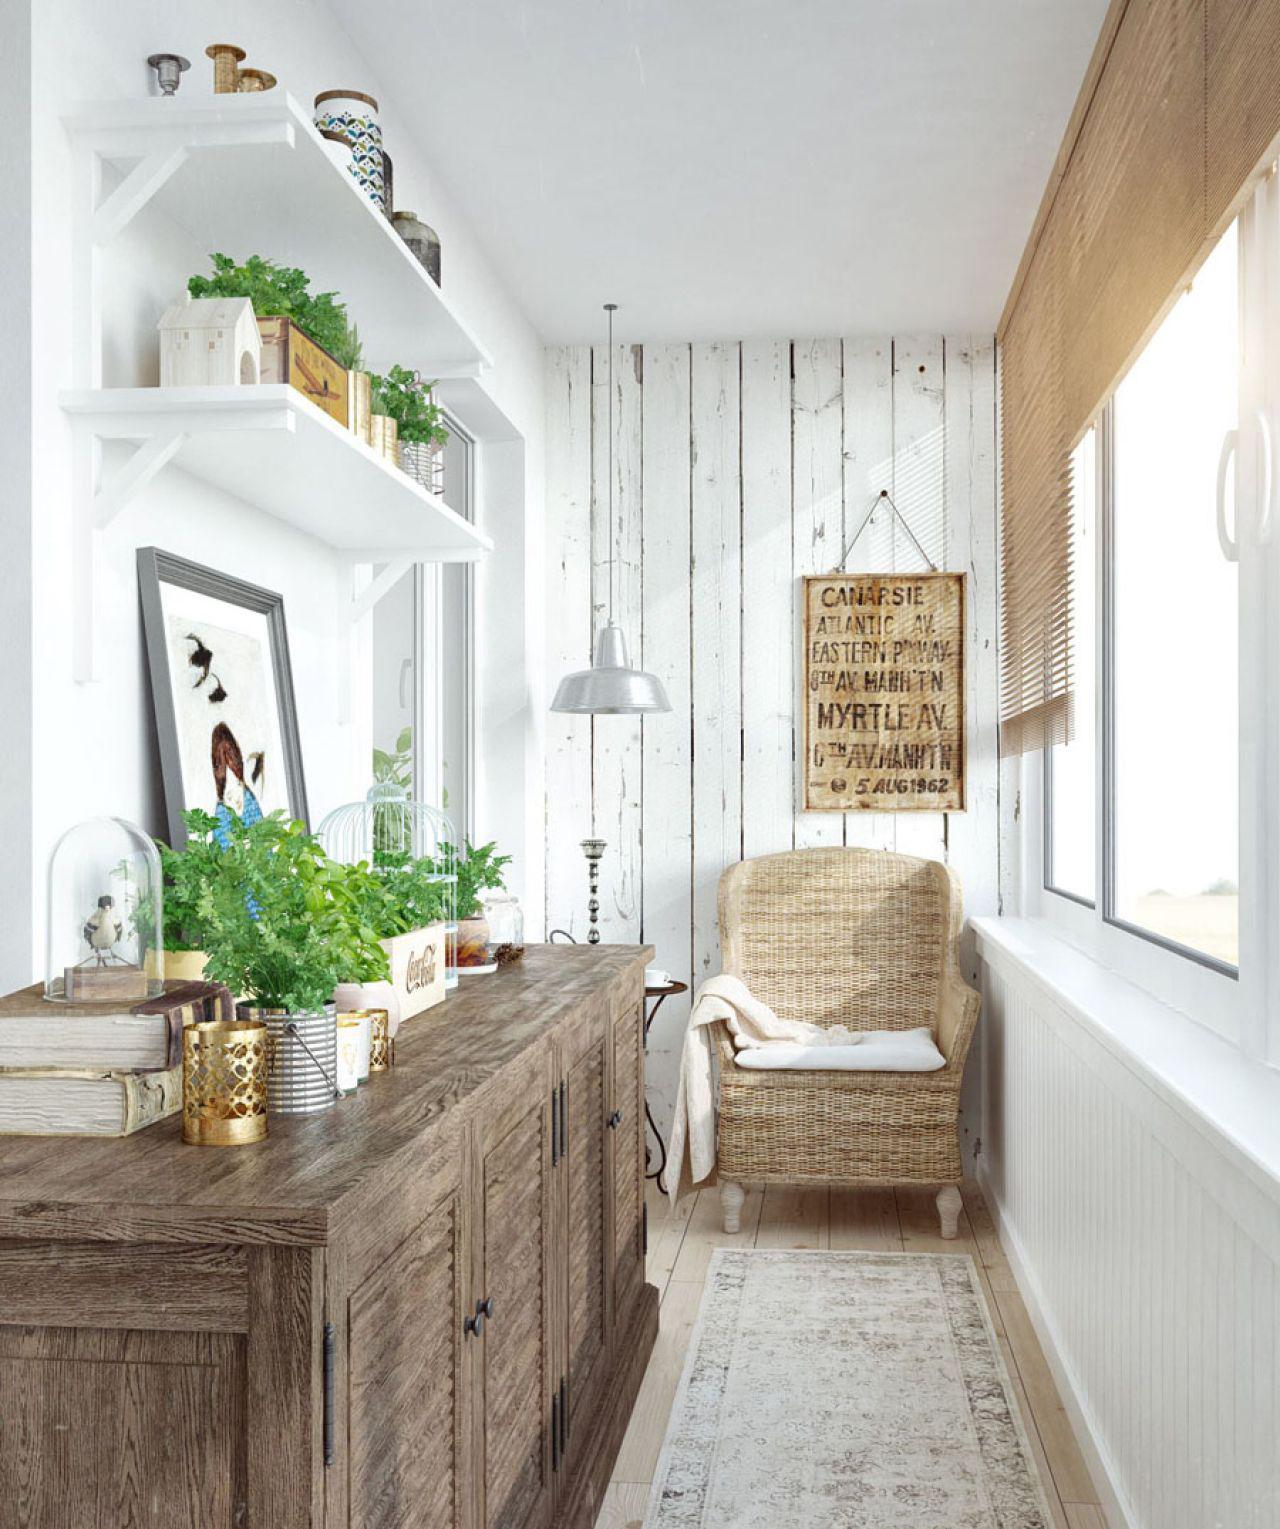 Оформления балкона полками, мебелью и растениями